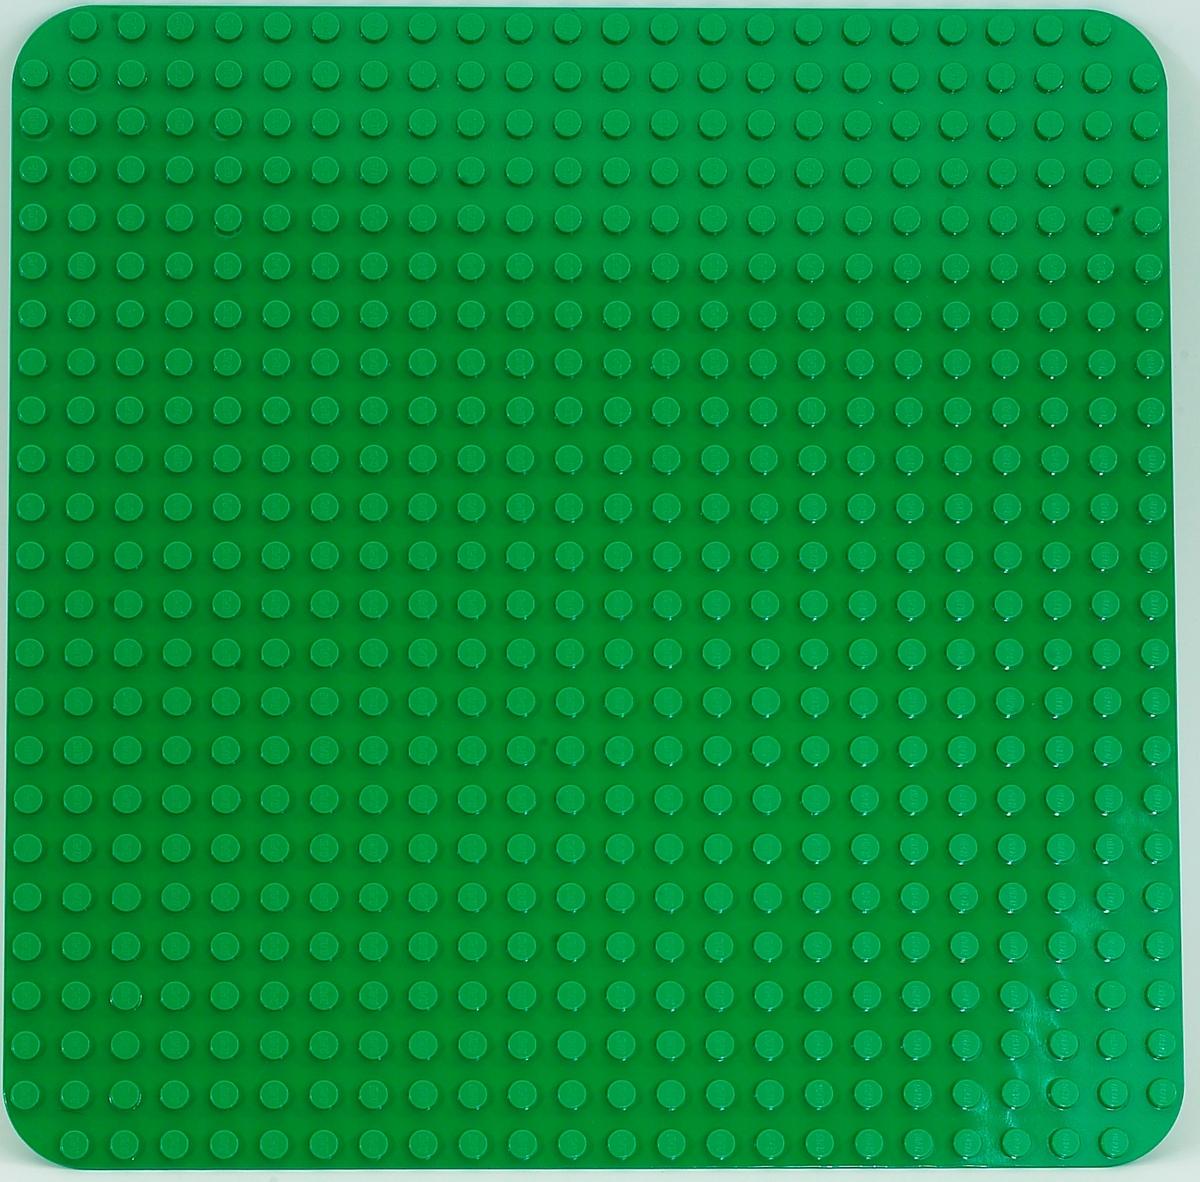 duplo 2304 suuri vihrea rakennuslevy